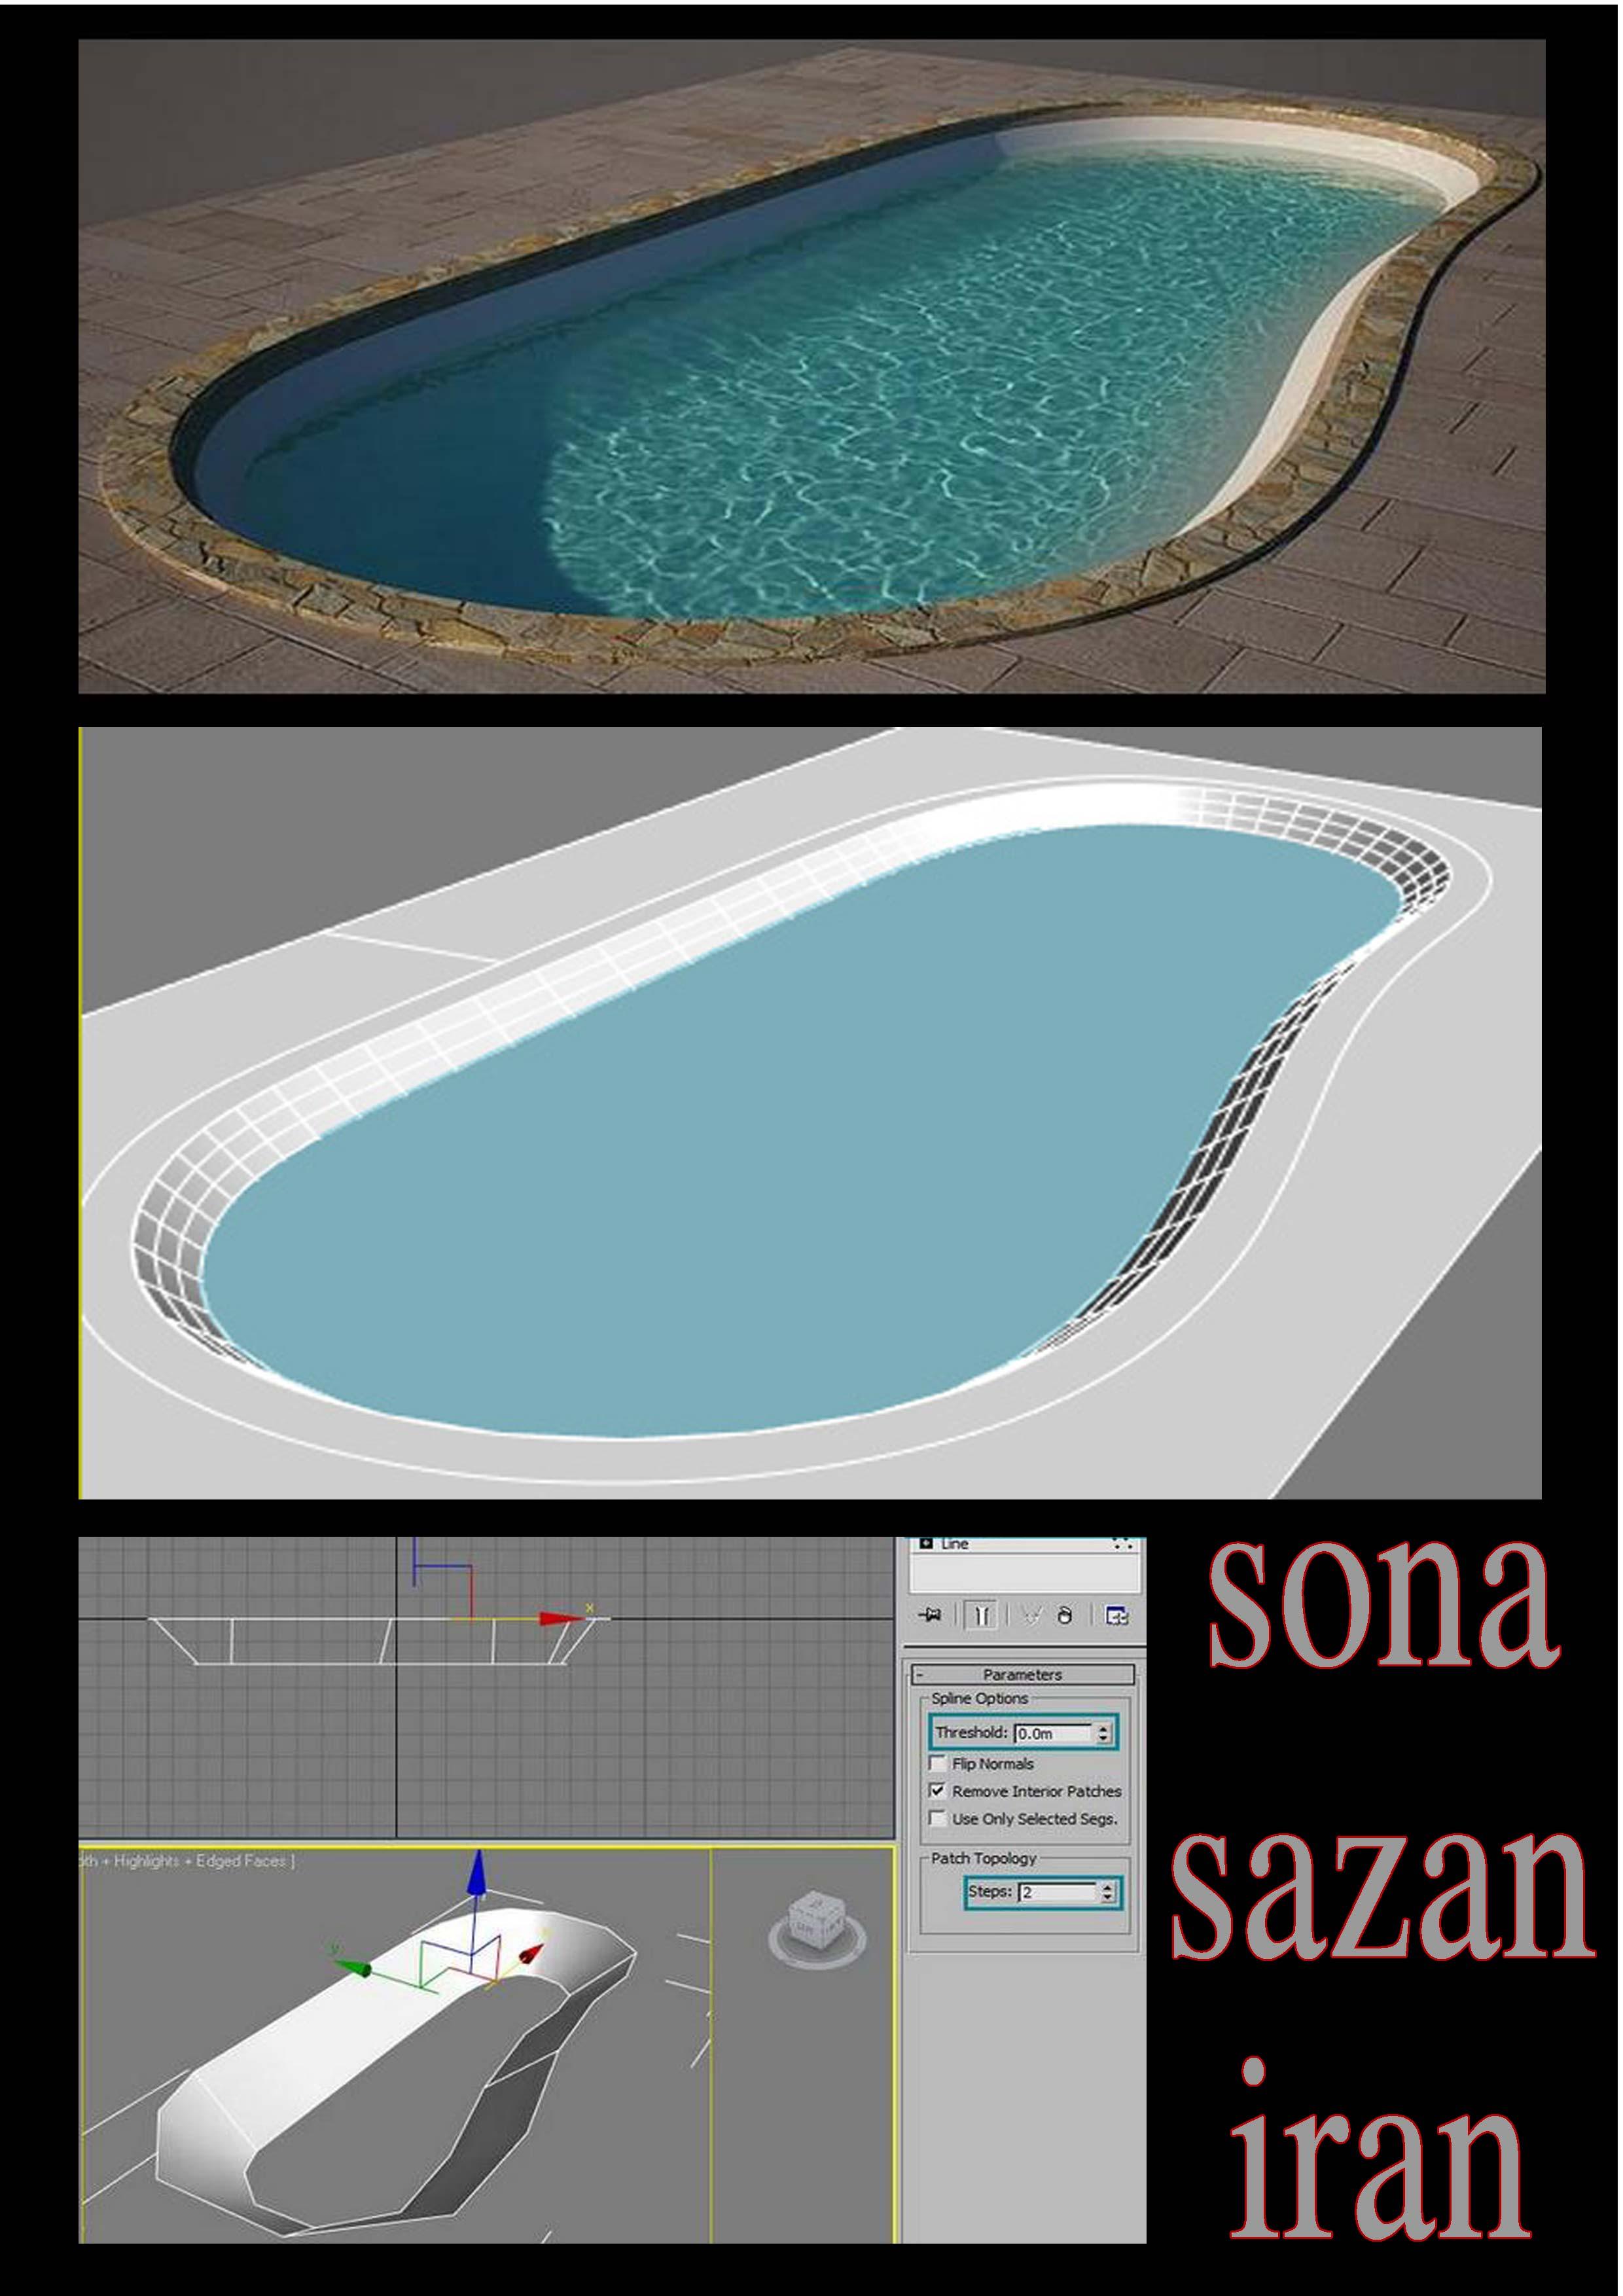 نقشه اتوکد استخر نقشه تری دی مکس نقشه تاسیسات نقشه معماری   - 3dmax